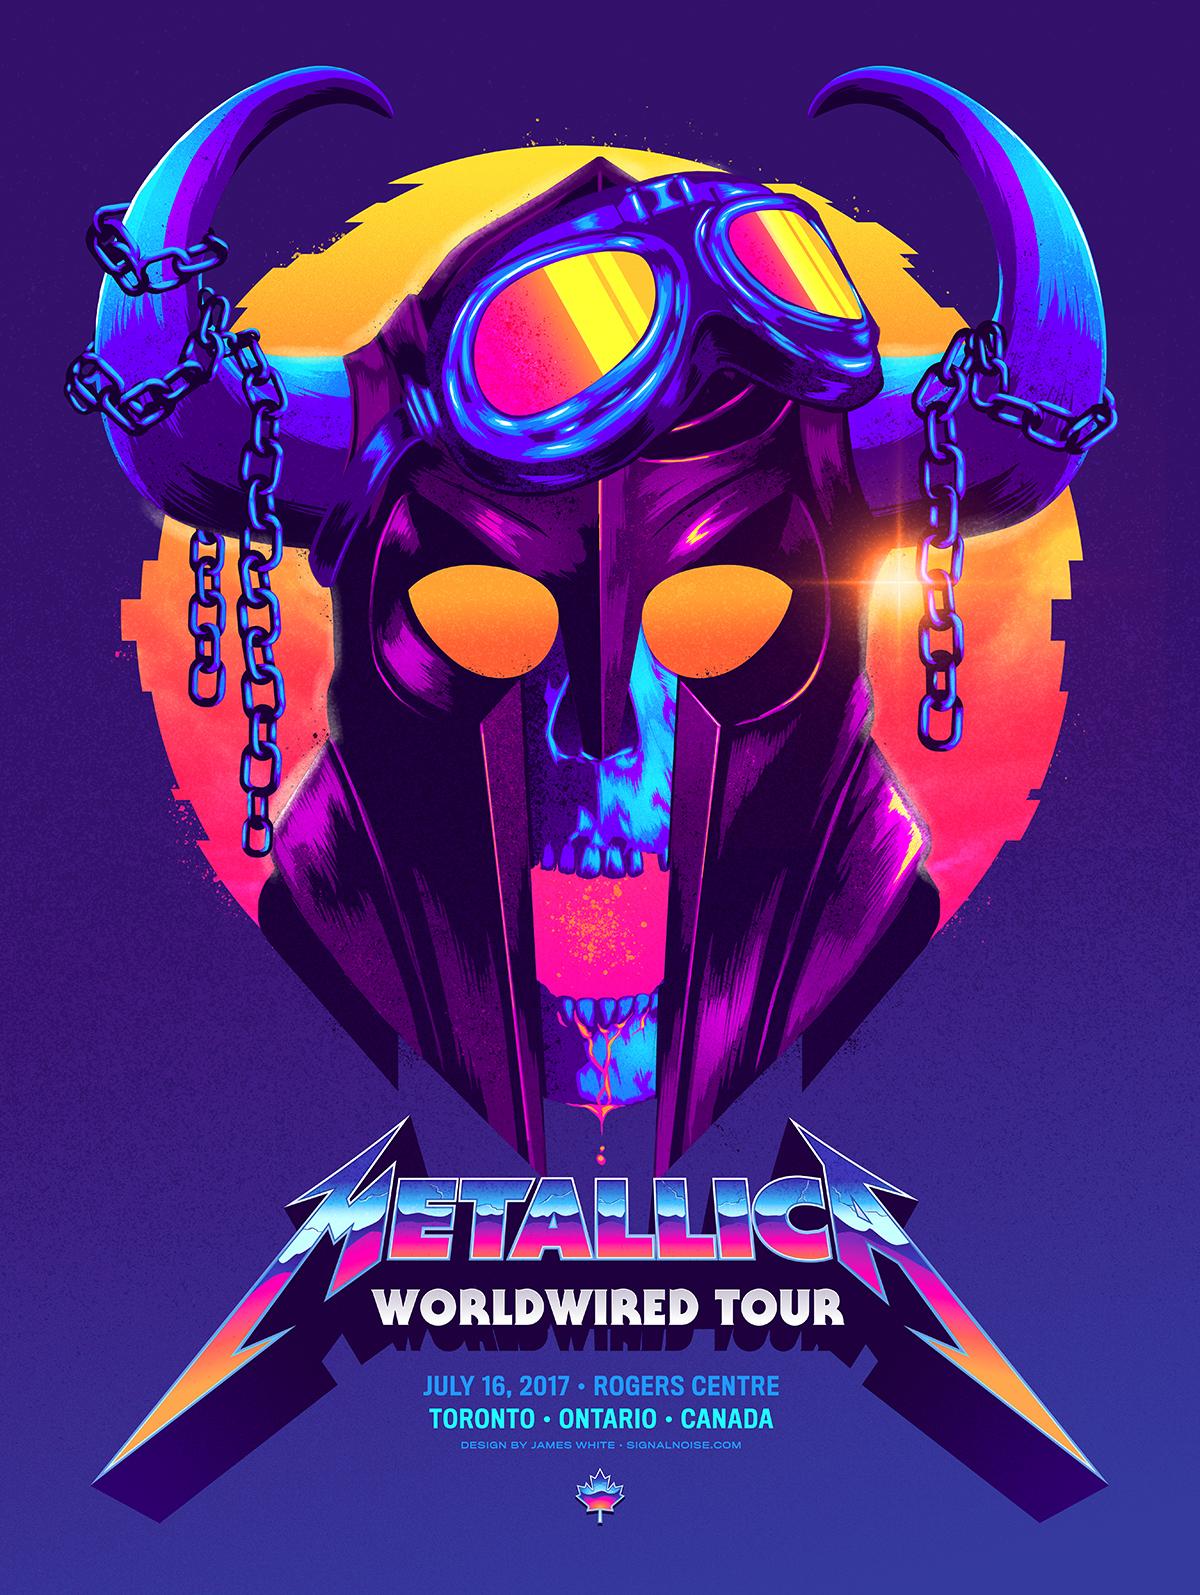 Metallica Tour Toronto